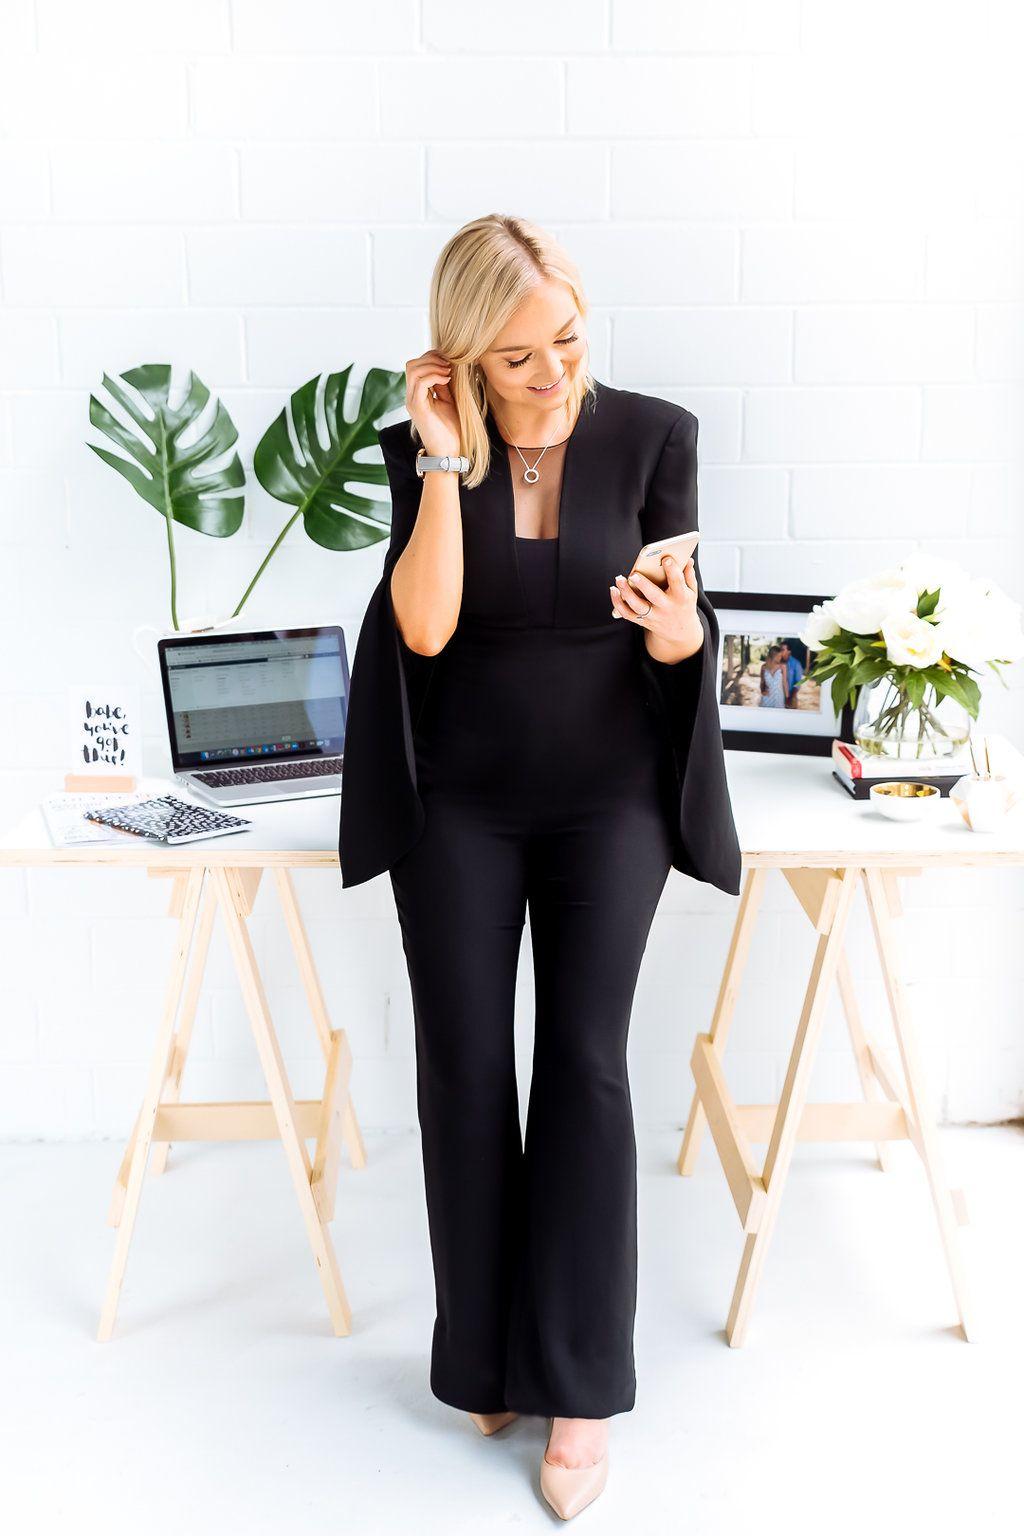 Super Cute Personal Branding Sesh Branding Personalbranding Headshots Business Photoshoot Personal Branding Photoshoot Business Portrait Photography